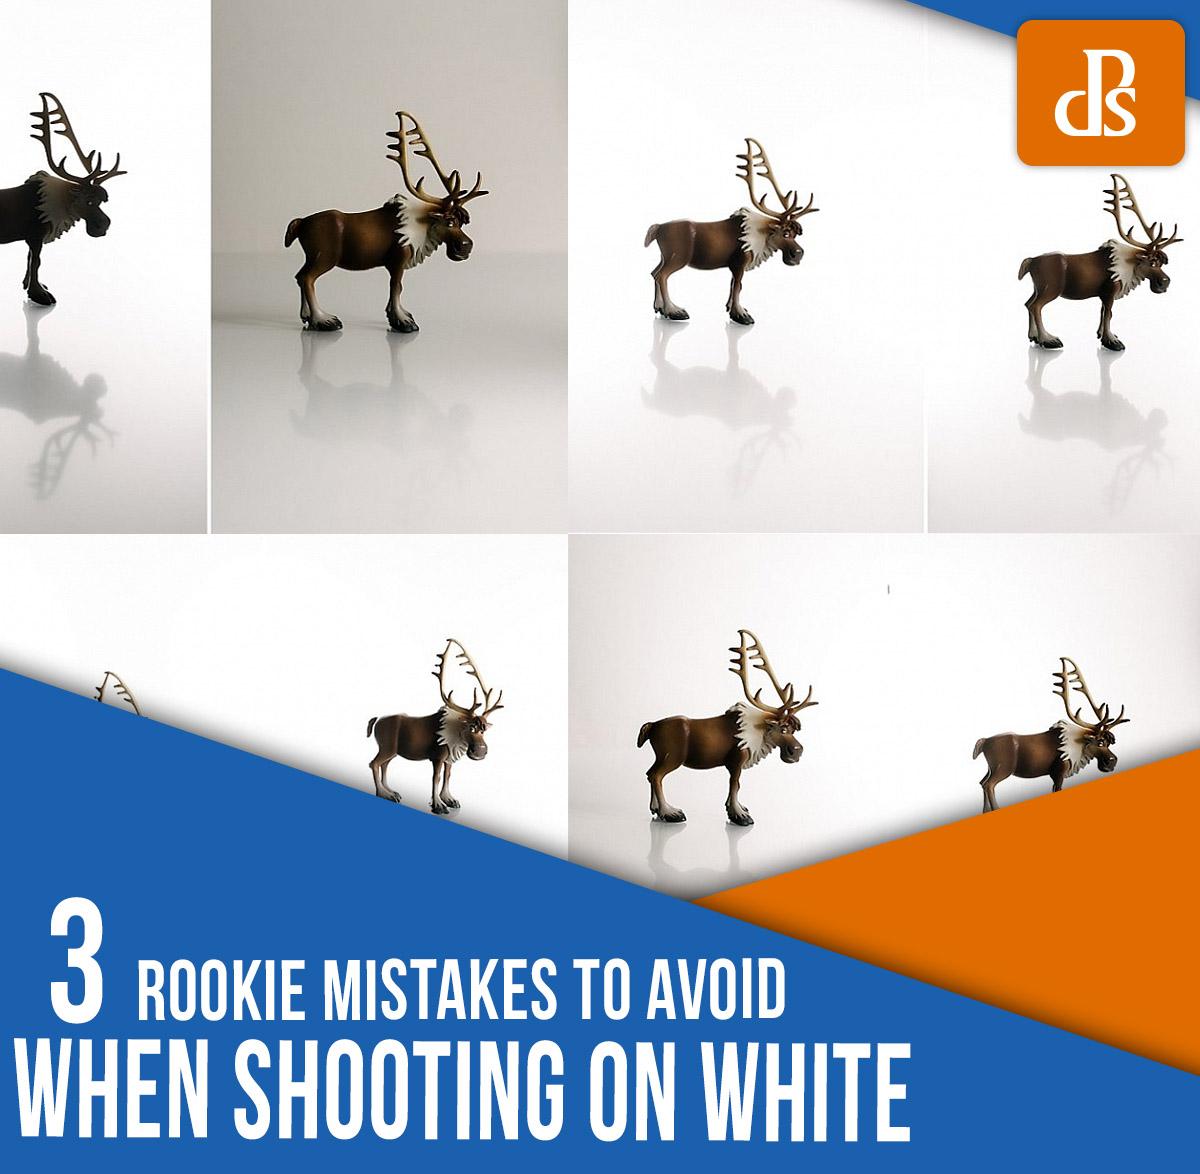 bugs de fotografia de fundo branco